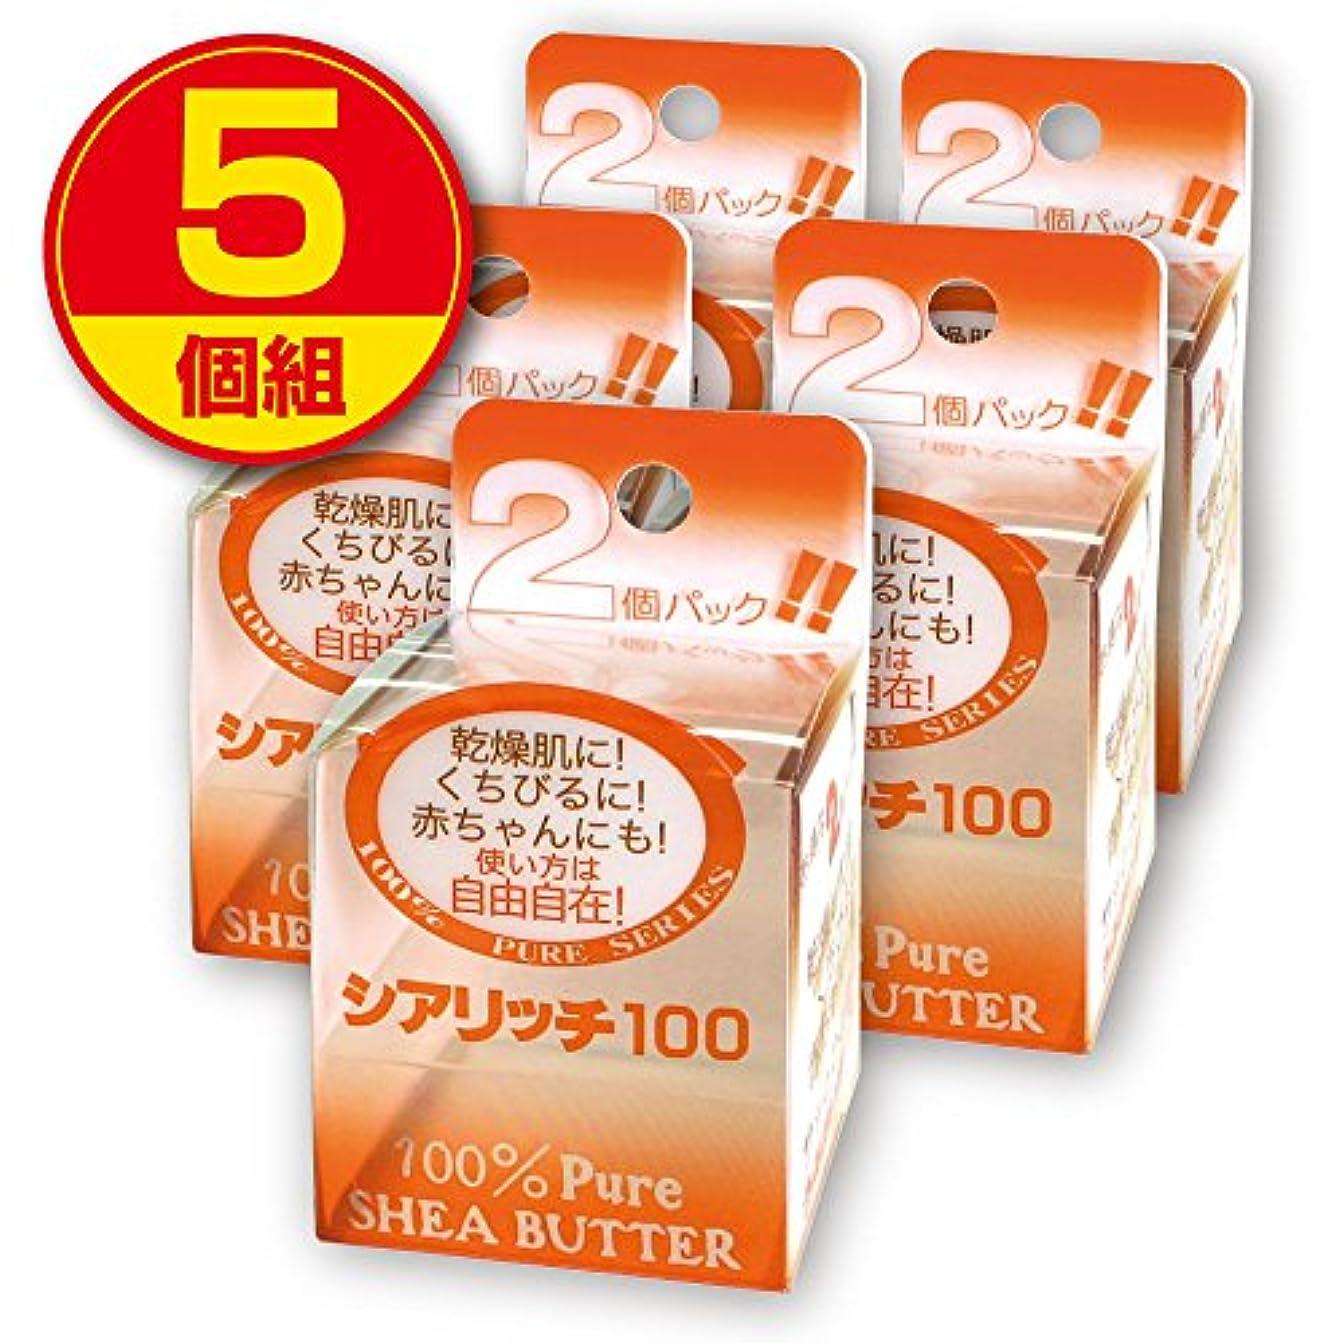 類人猿検査官準拠日本天然物研究所 シアリッチ100 (8g×2個入り)【5個組】(無添加100%シアバター)無香料